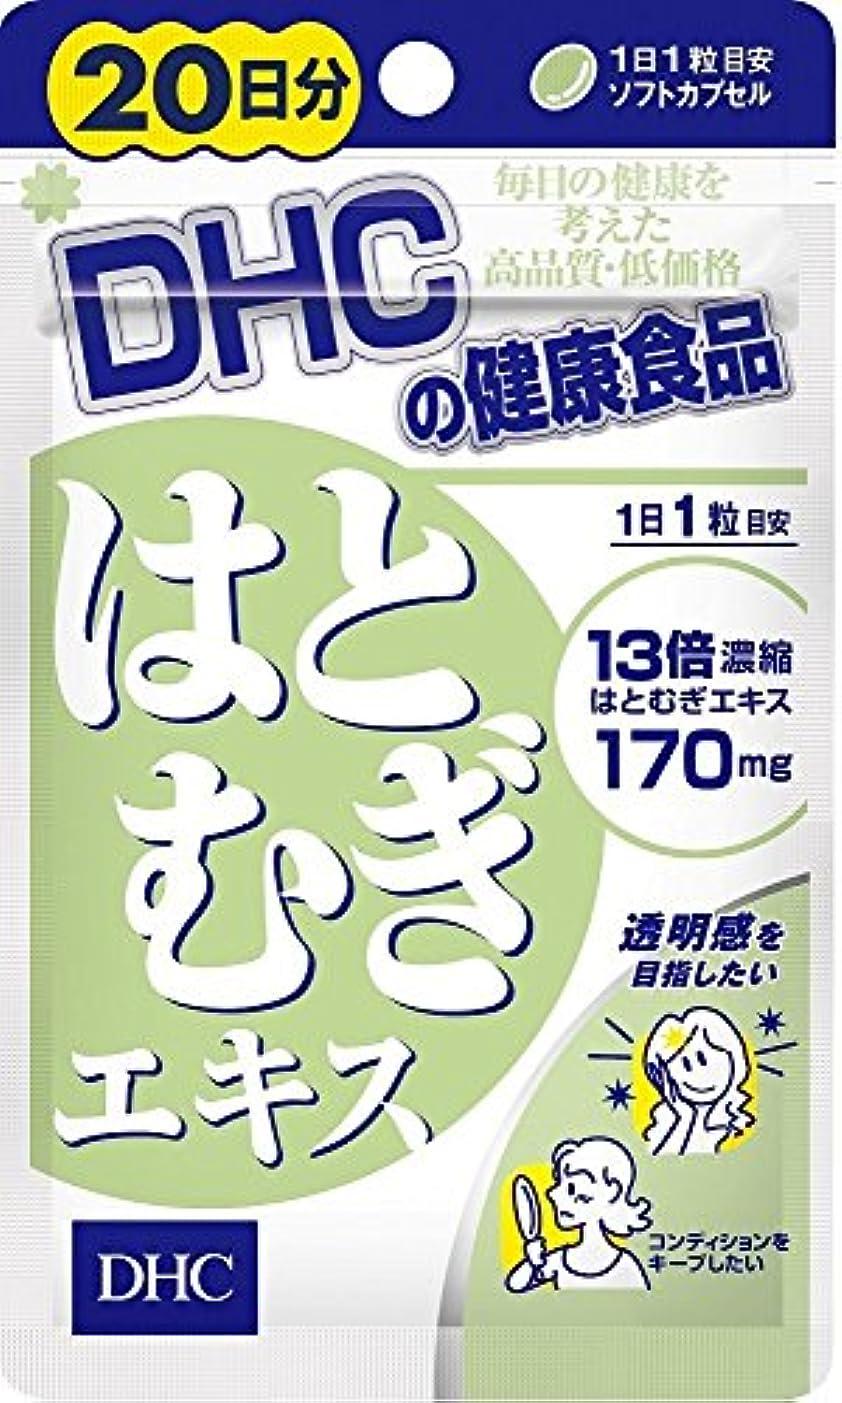 DHC はとむぎエキス 20日分 20粒入り×10個